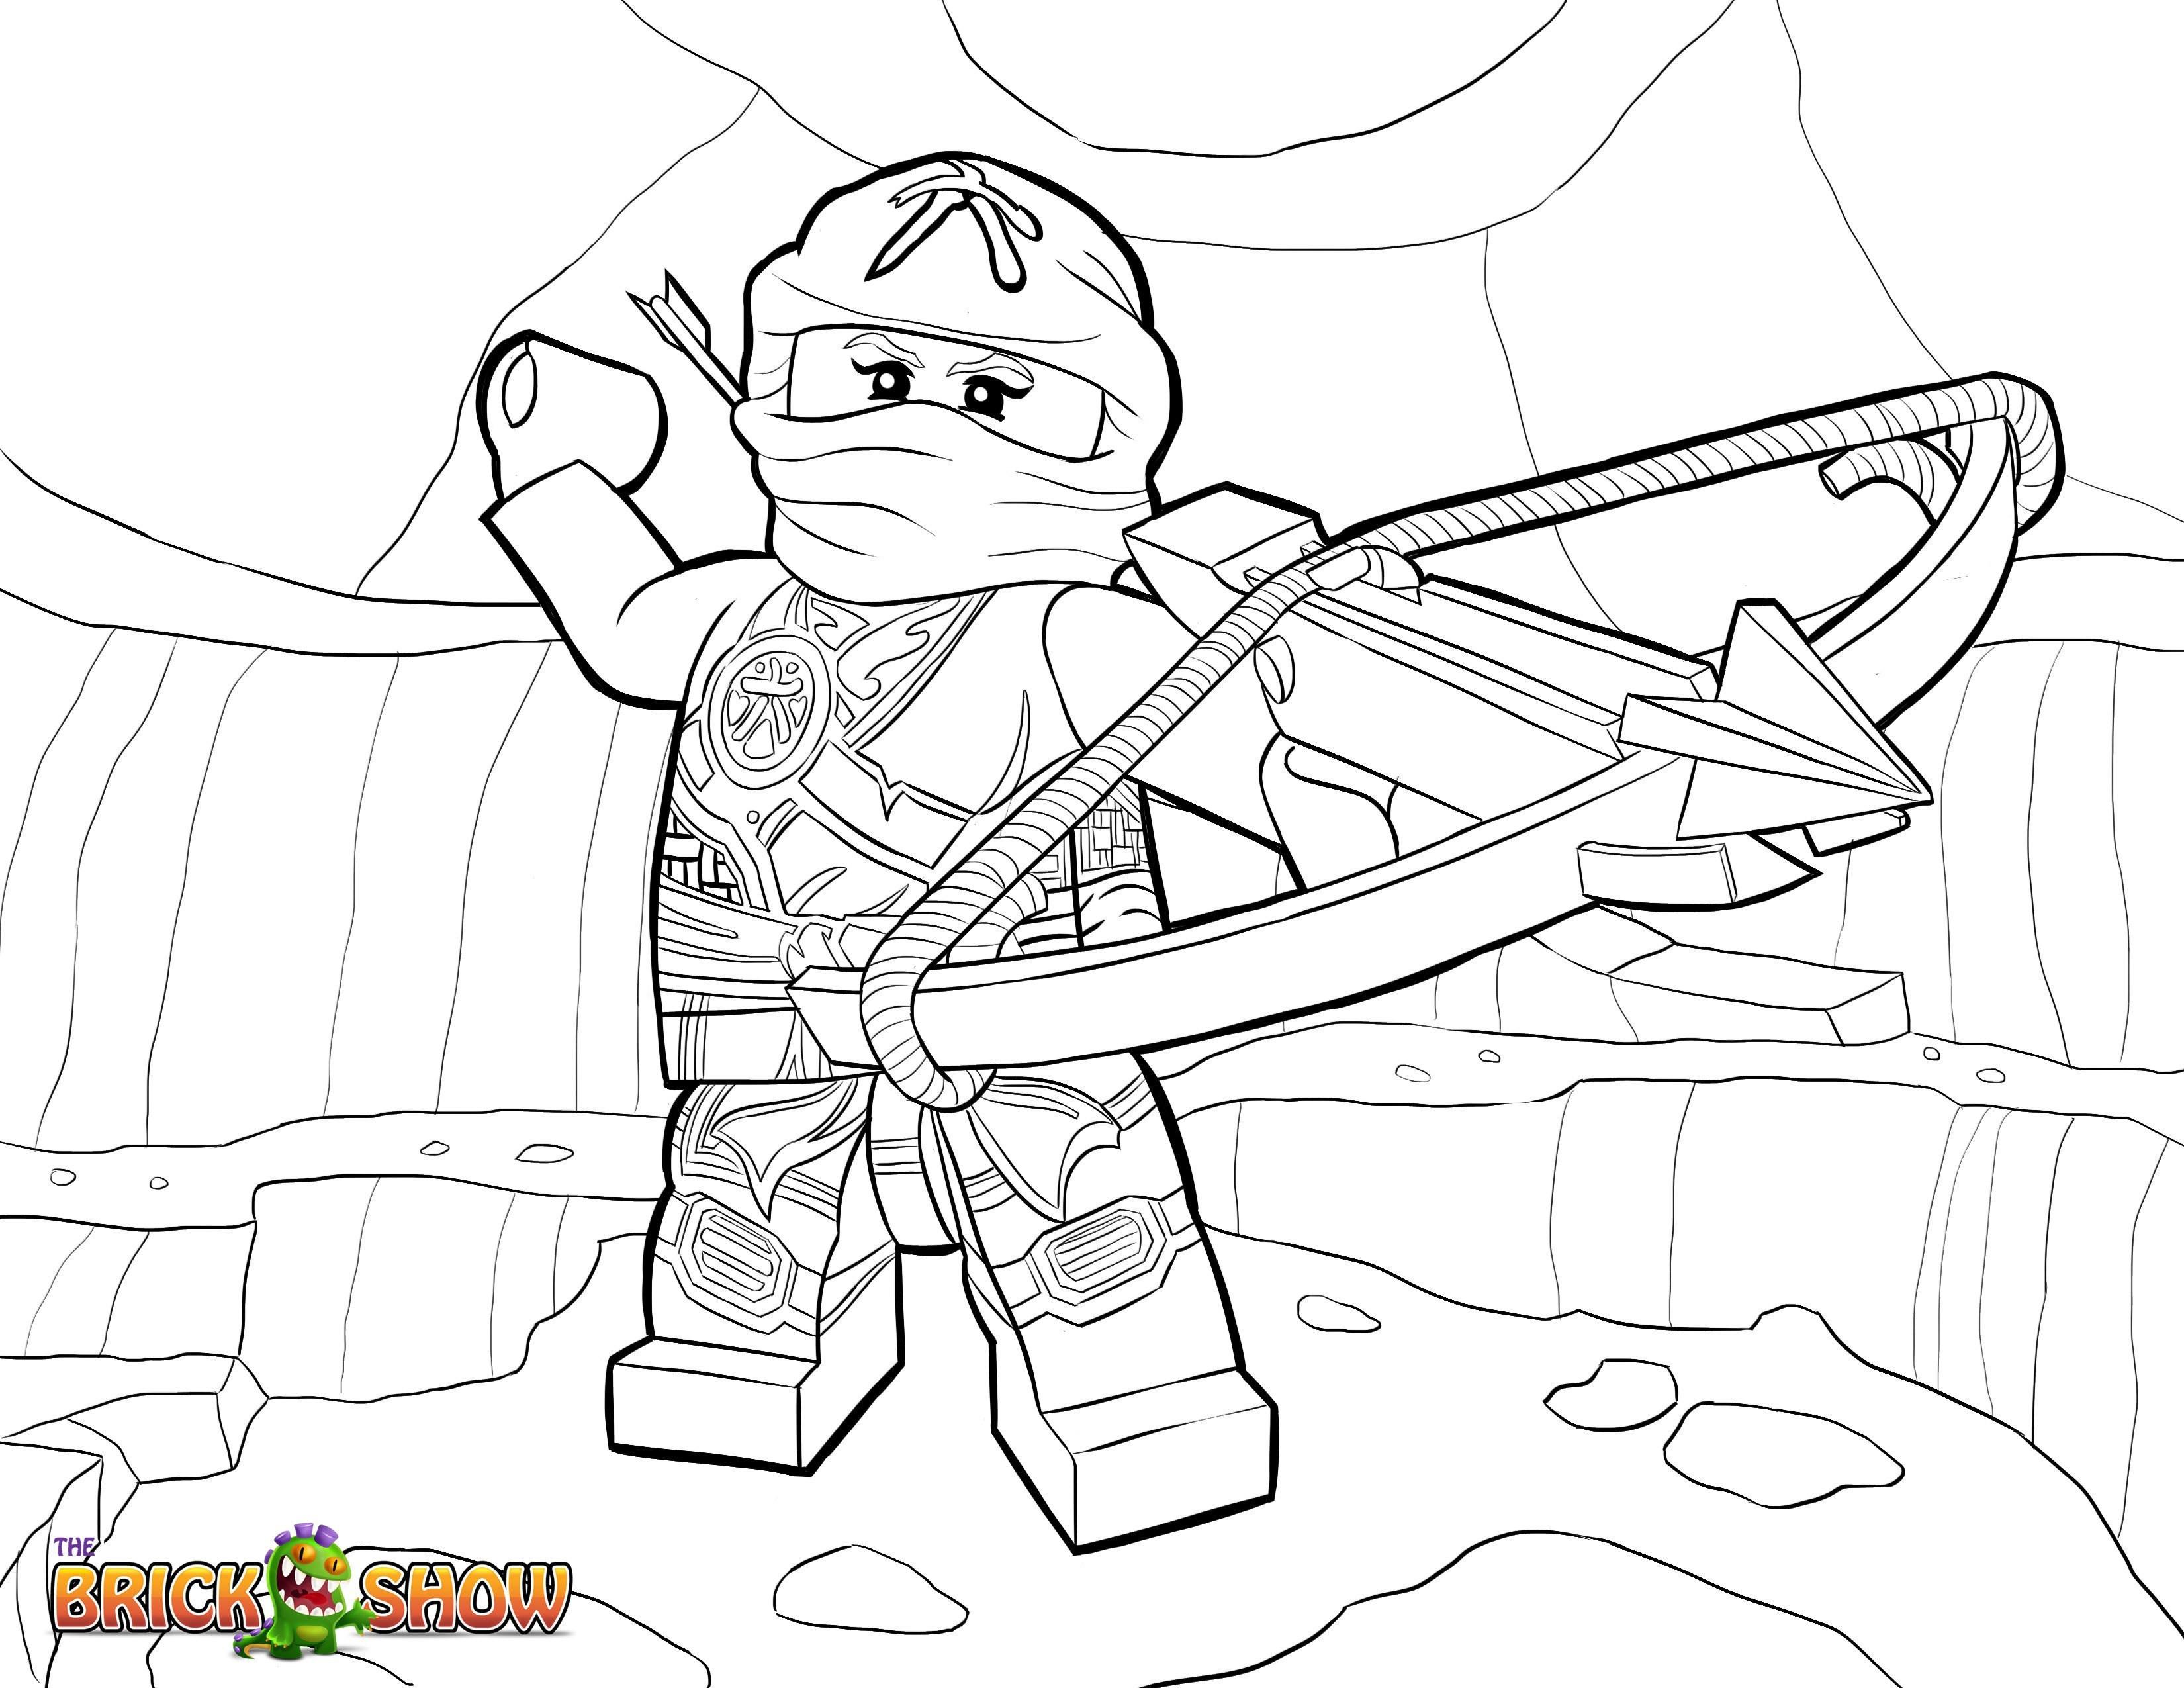 Ausmalbilder Lego Batman Genial 50 Frisch Ninjago Ausmalbilder Lego Malvorlagen Sammlungen Bild